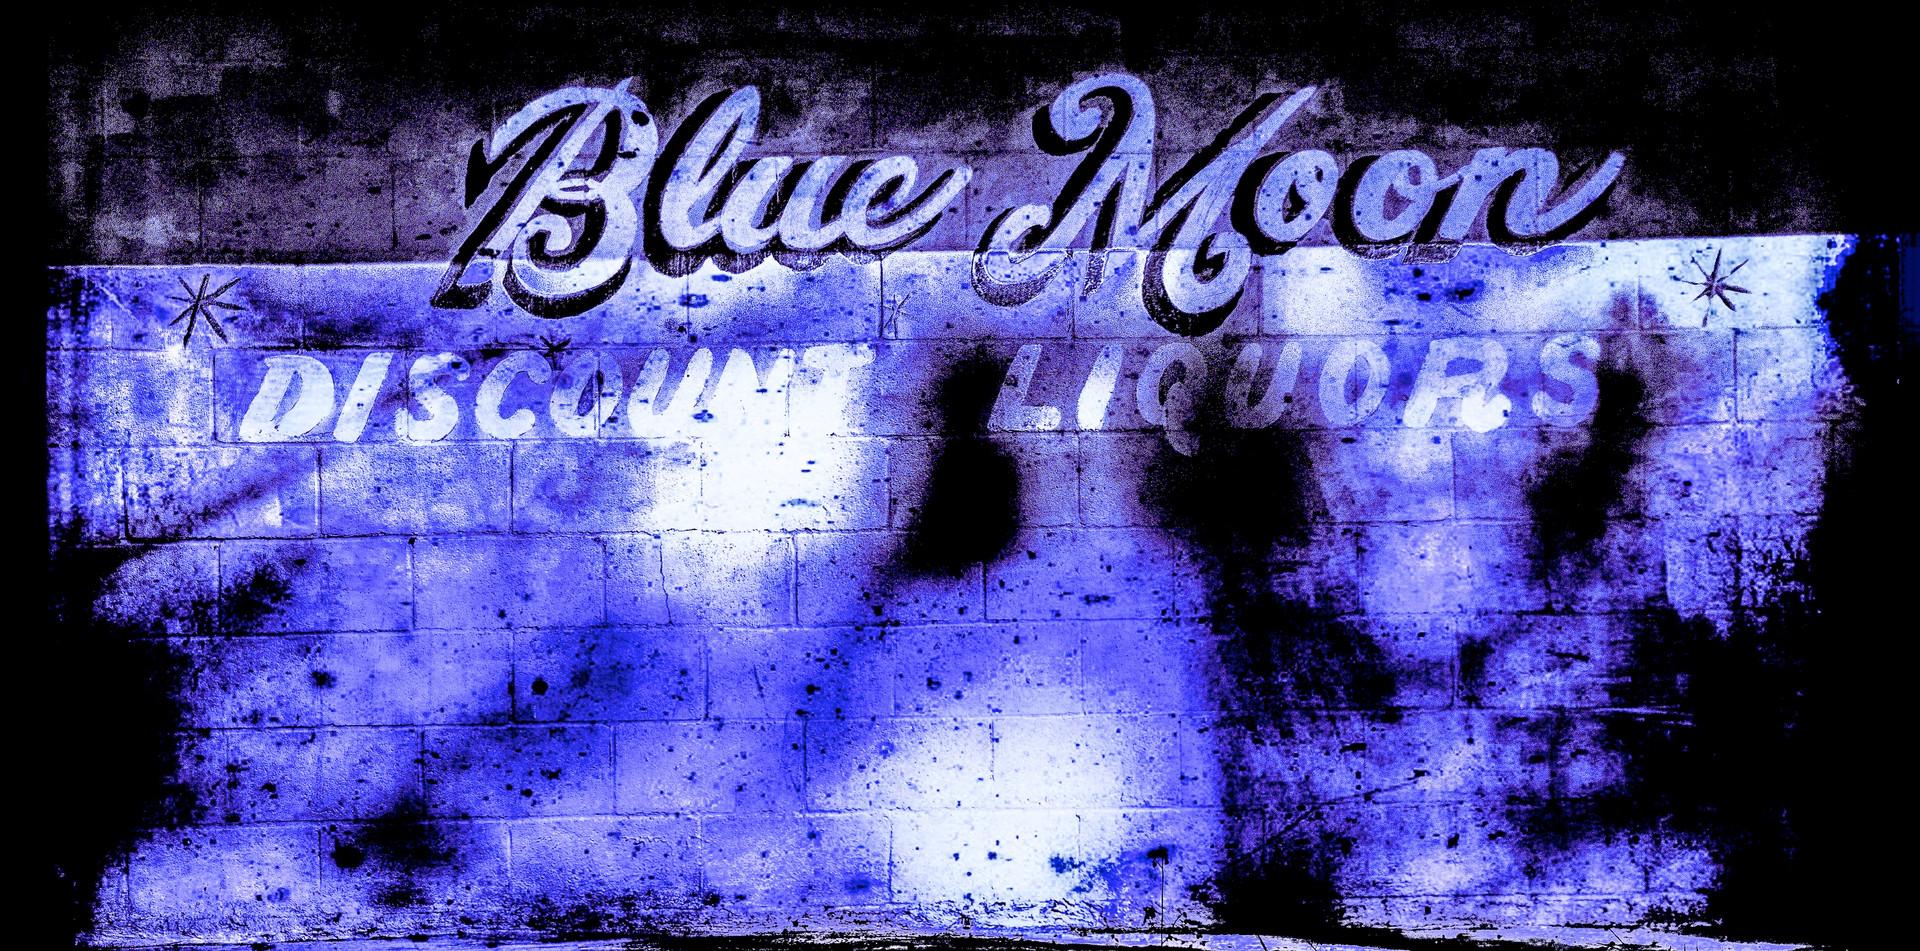 Blue Moon Discount Liquors Sign